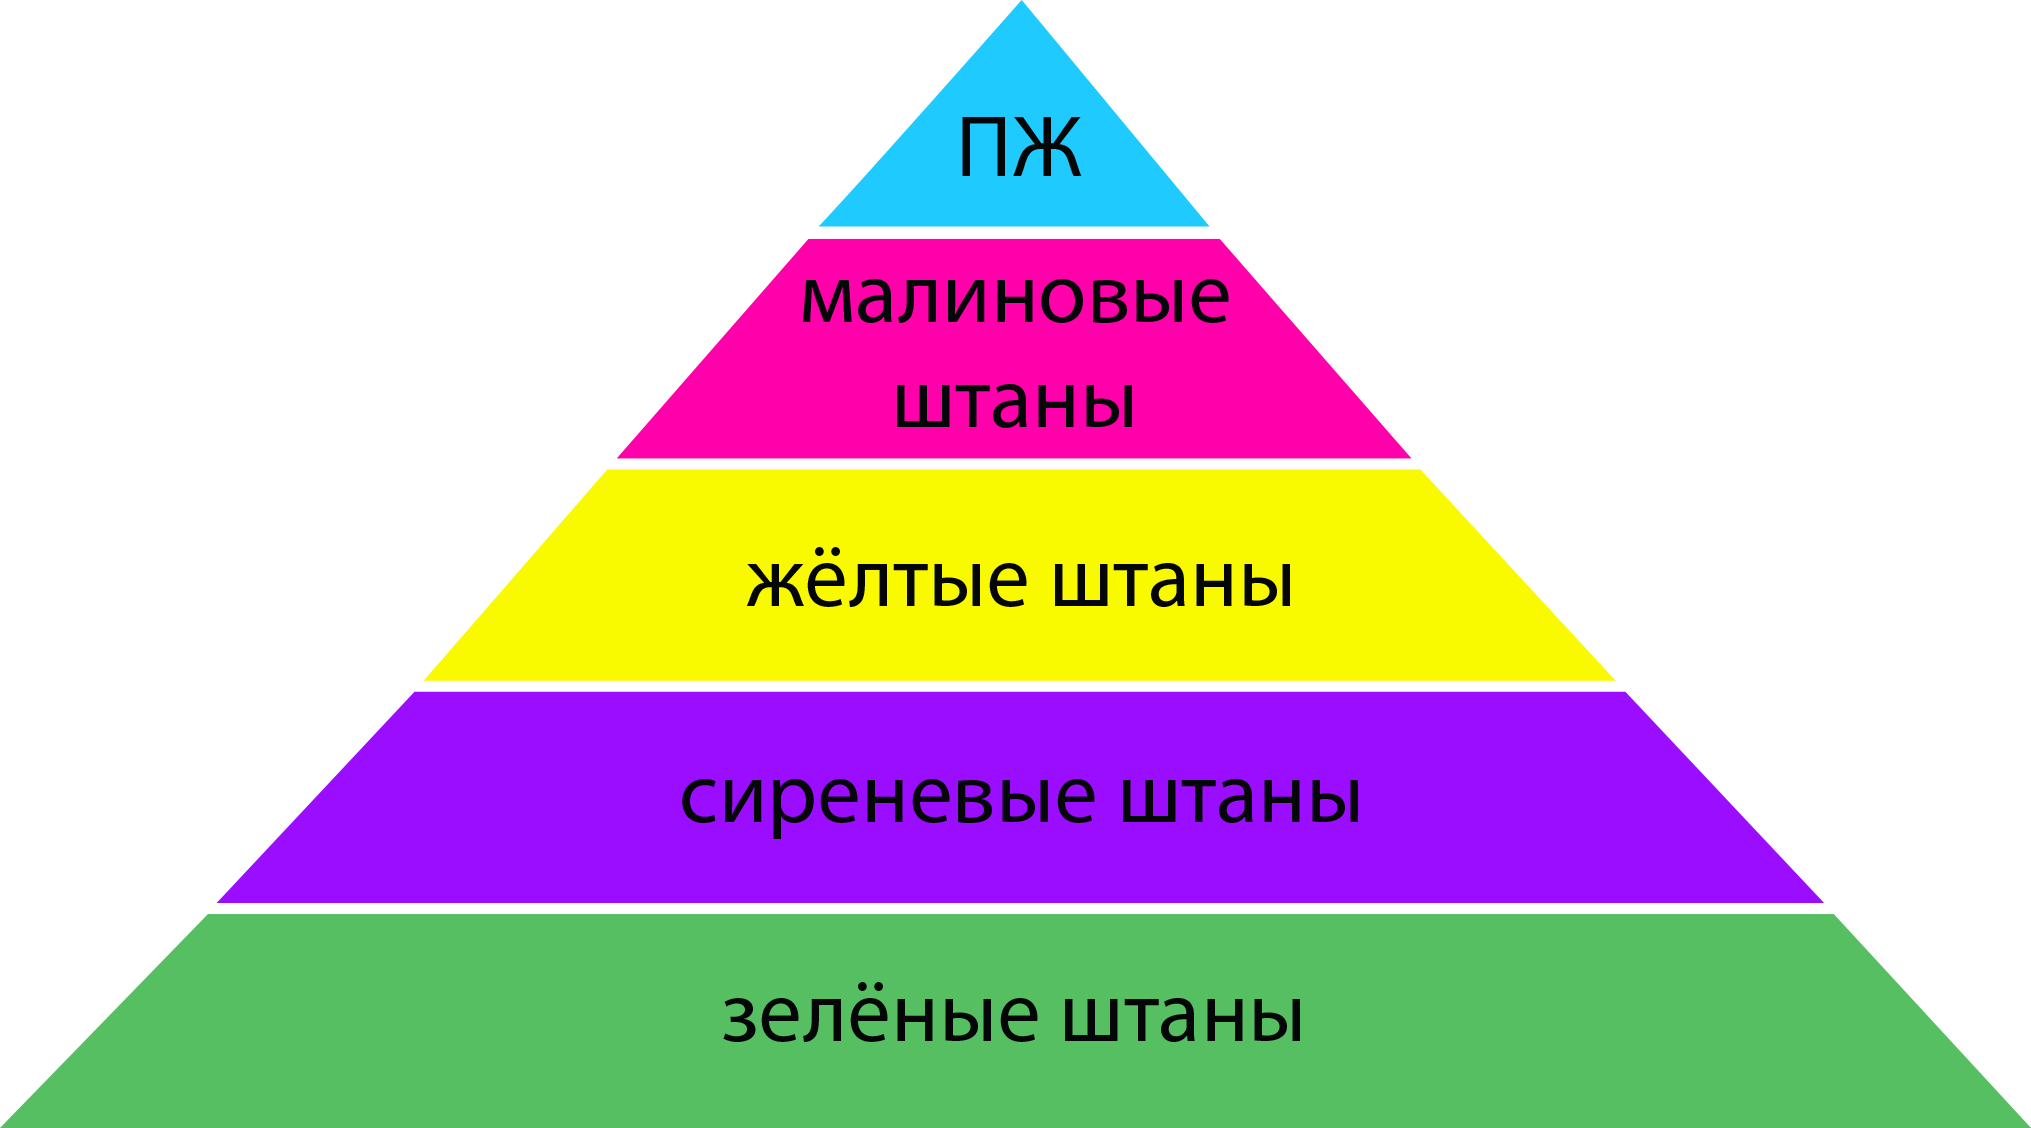 Kindzadza_stani2.png